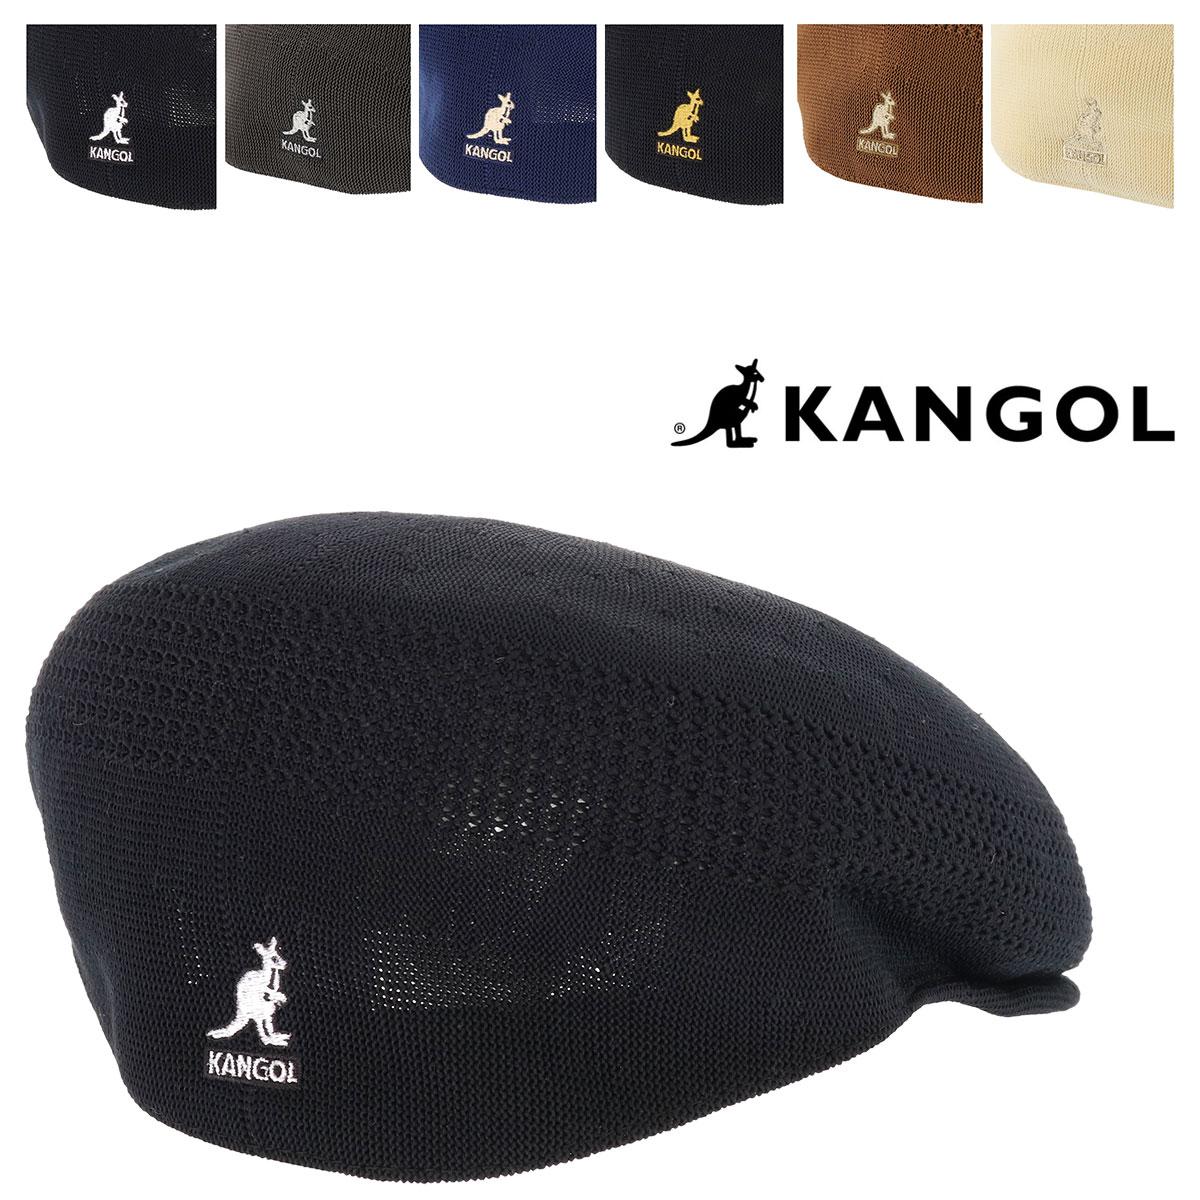 カンゴール ハンチング トロピック 504 ベントエアー 195169001 185169001 KANGOL 帽子 メンズ レディース[bef][即日発送]